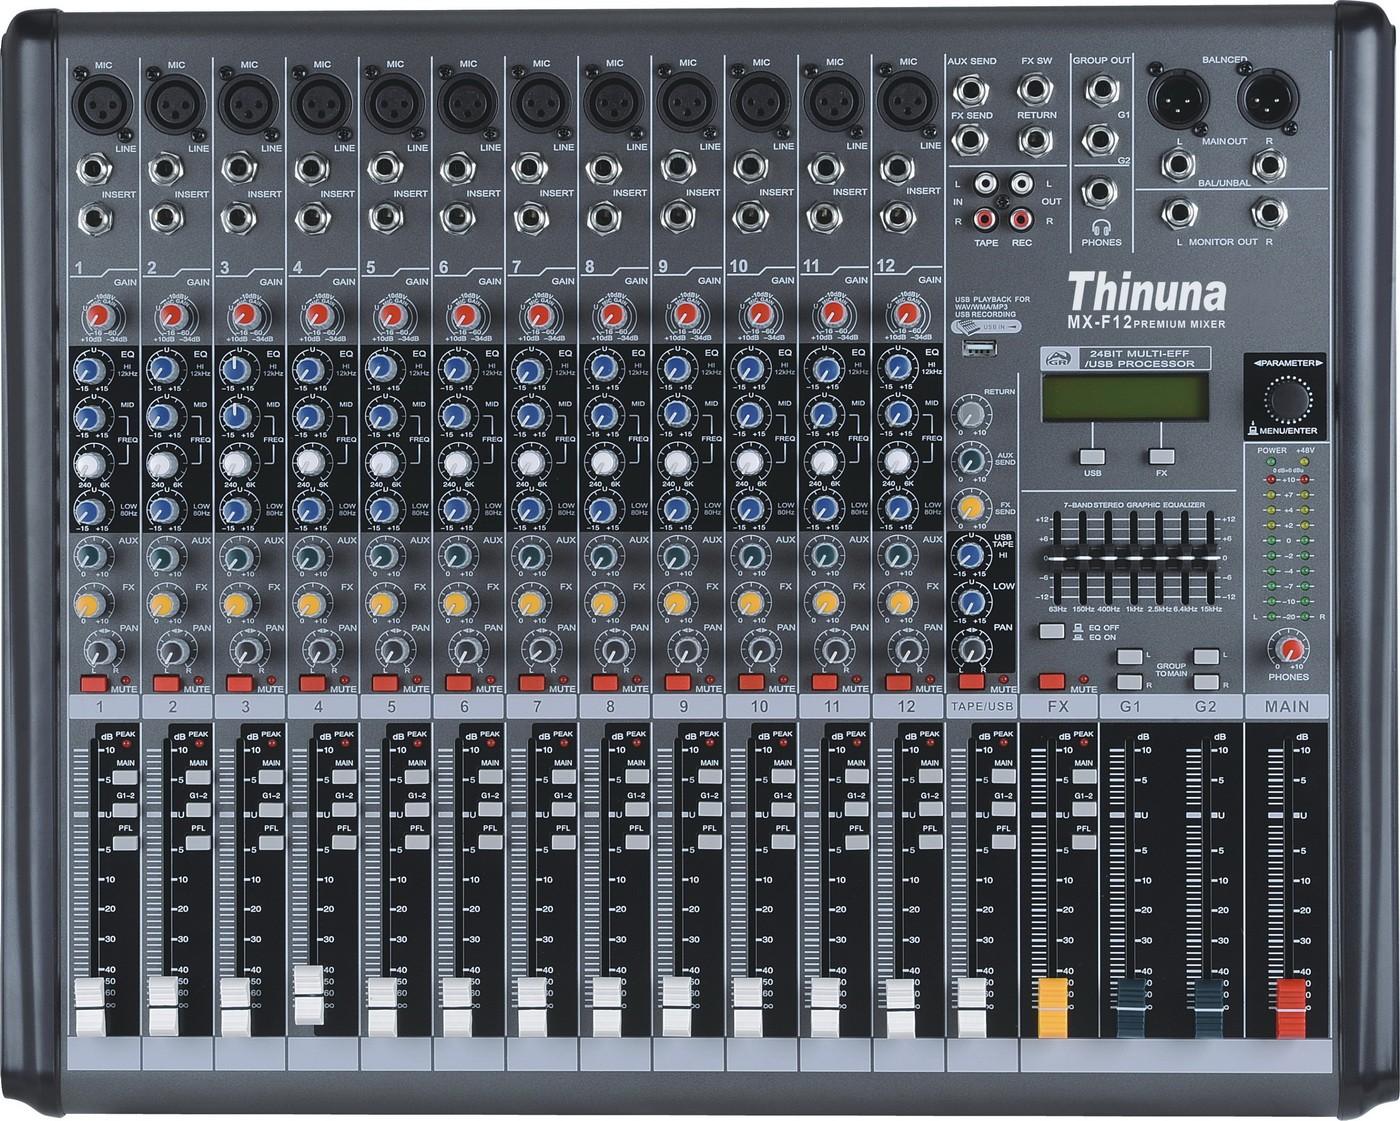 MX-F12 Mixer